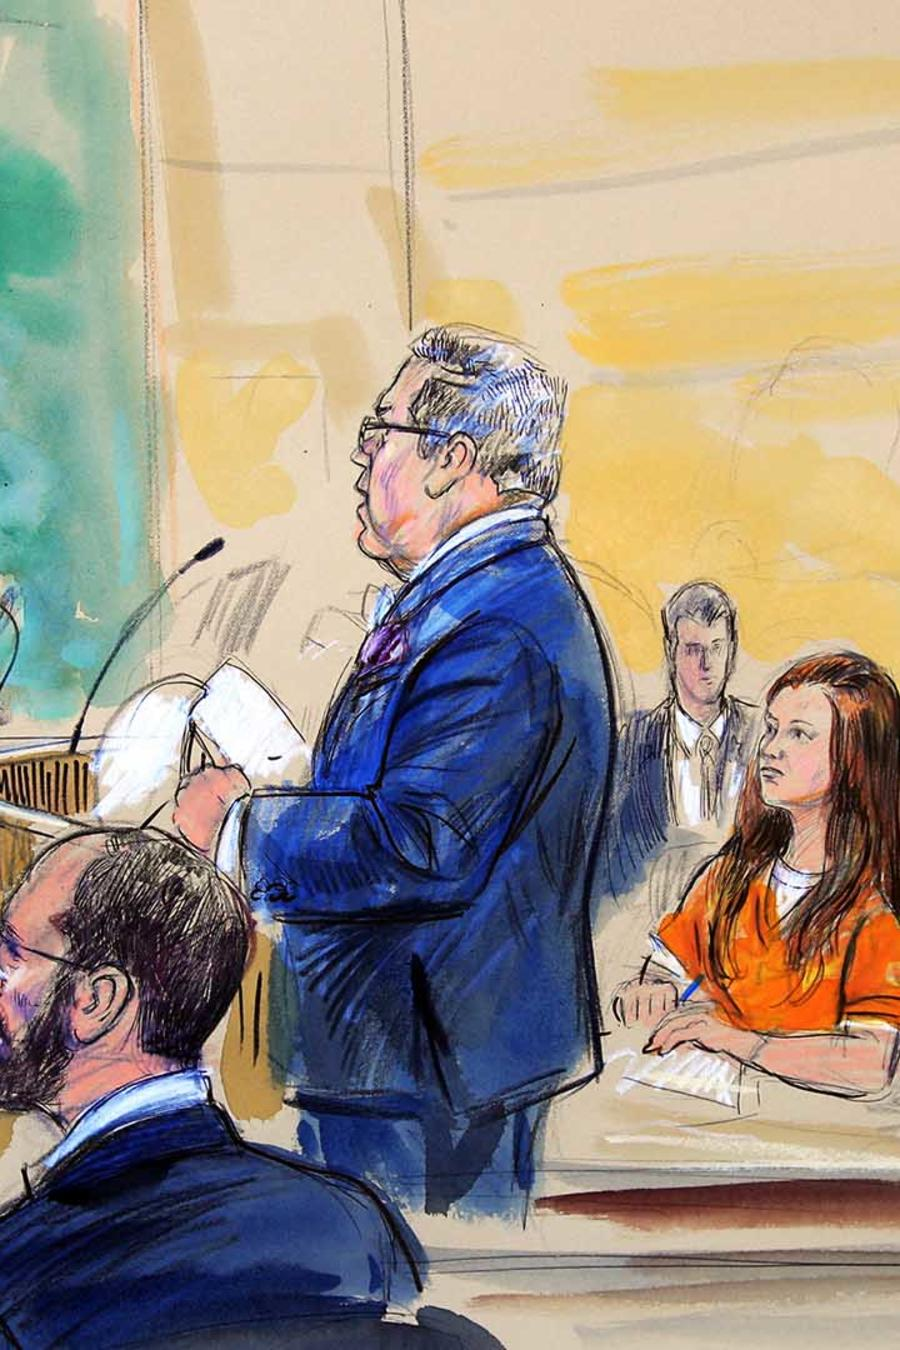 Sketch de Maria Butina, la joven acusada de ser espía rusa, en corte federal en Washington D.C. el miércoles 18 de julio de 2018